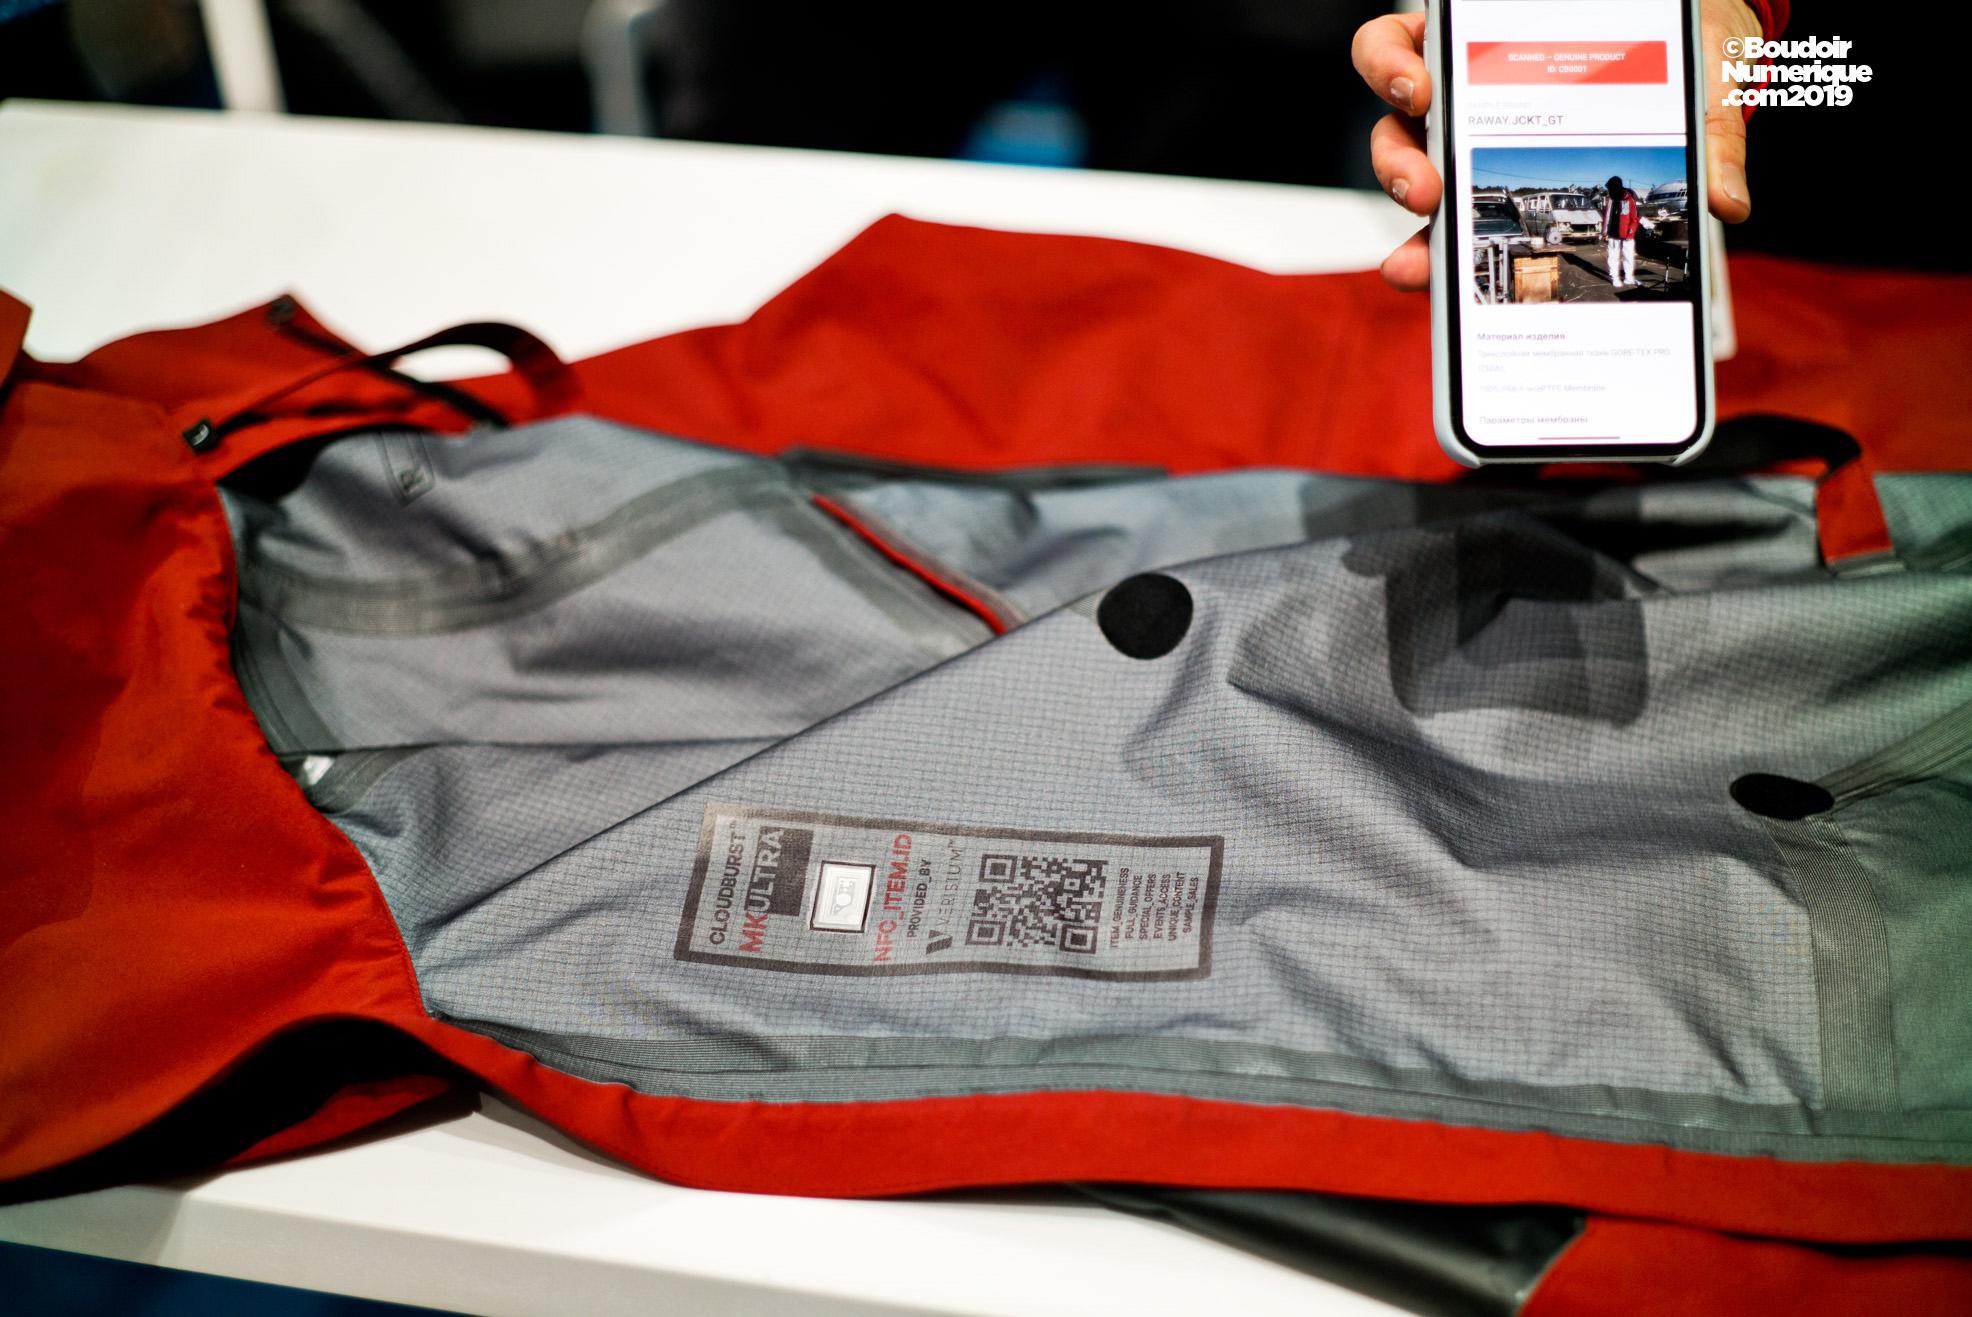 Le service anti-contrefaçon offert par l'entreprise russe Verisium permet de vérifier l'authenticité d'un produit, comme cette veste par exemple, via une application.